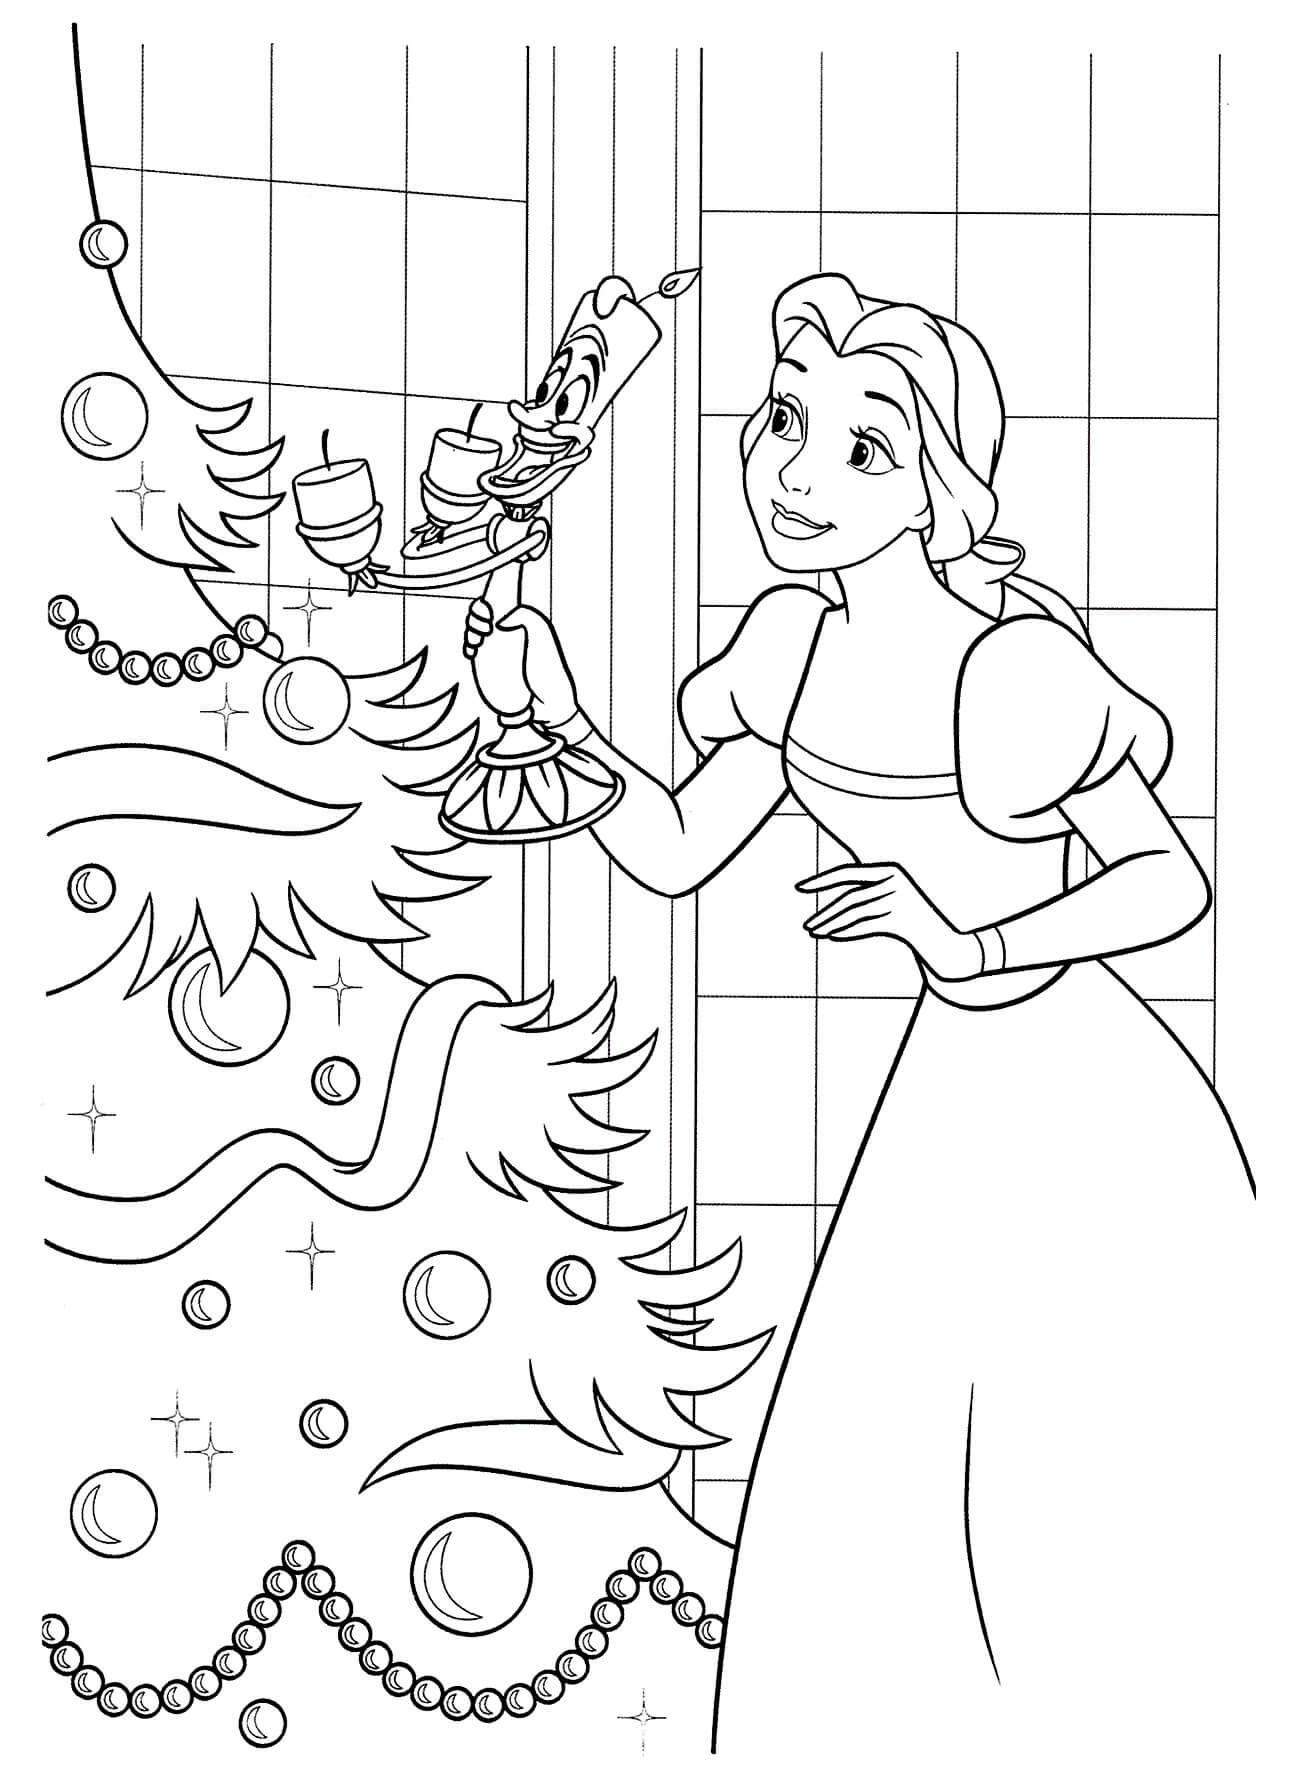 Раскраска Принцесса Белль и Люмьер